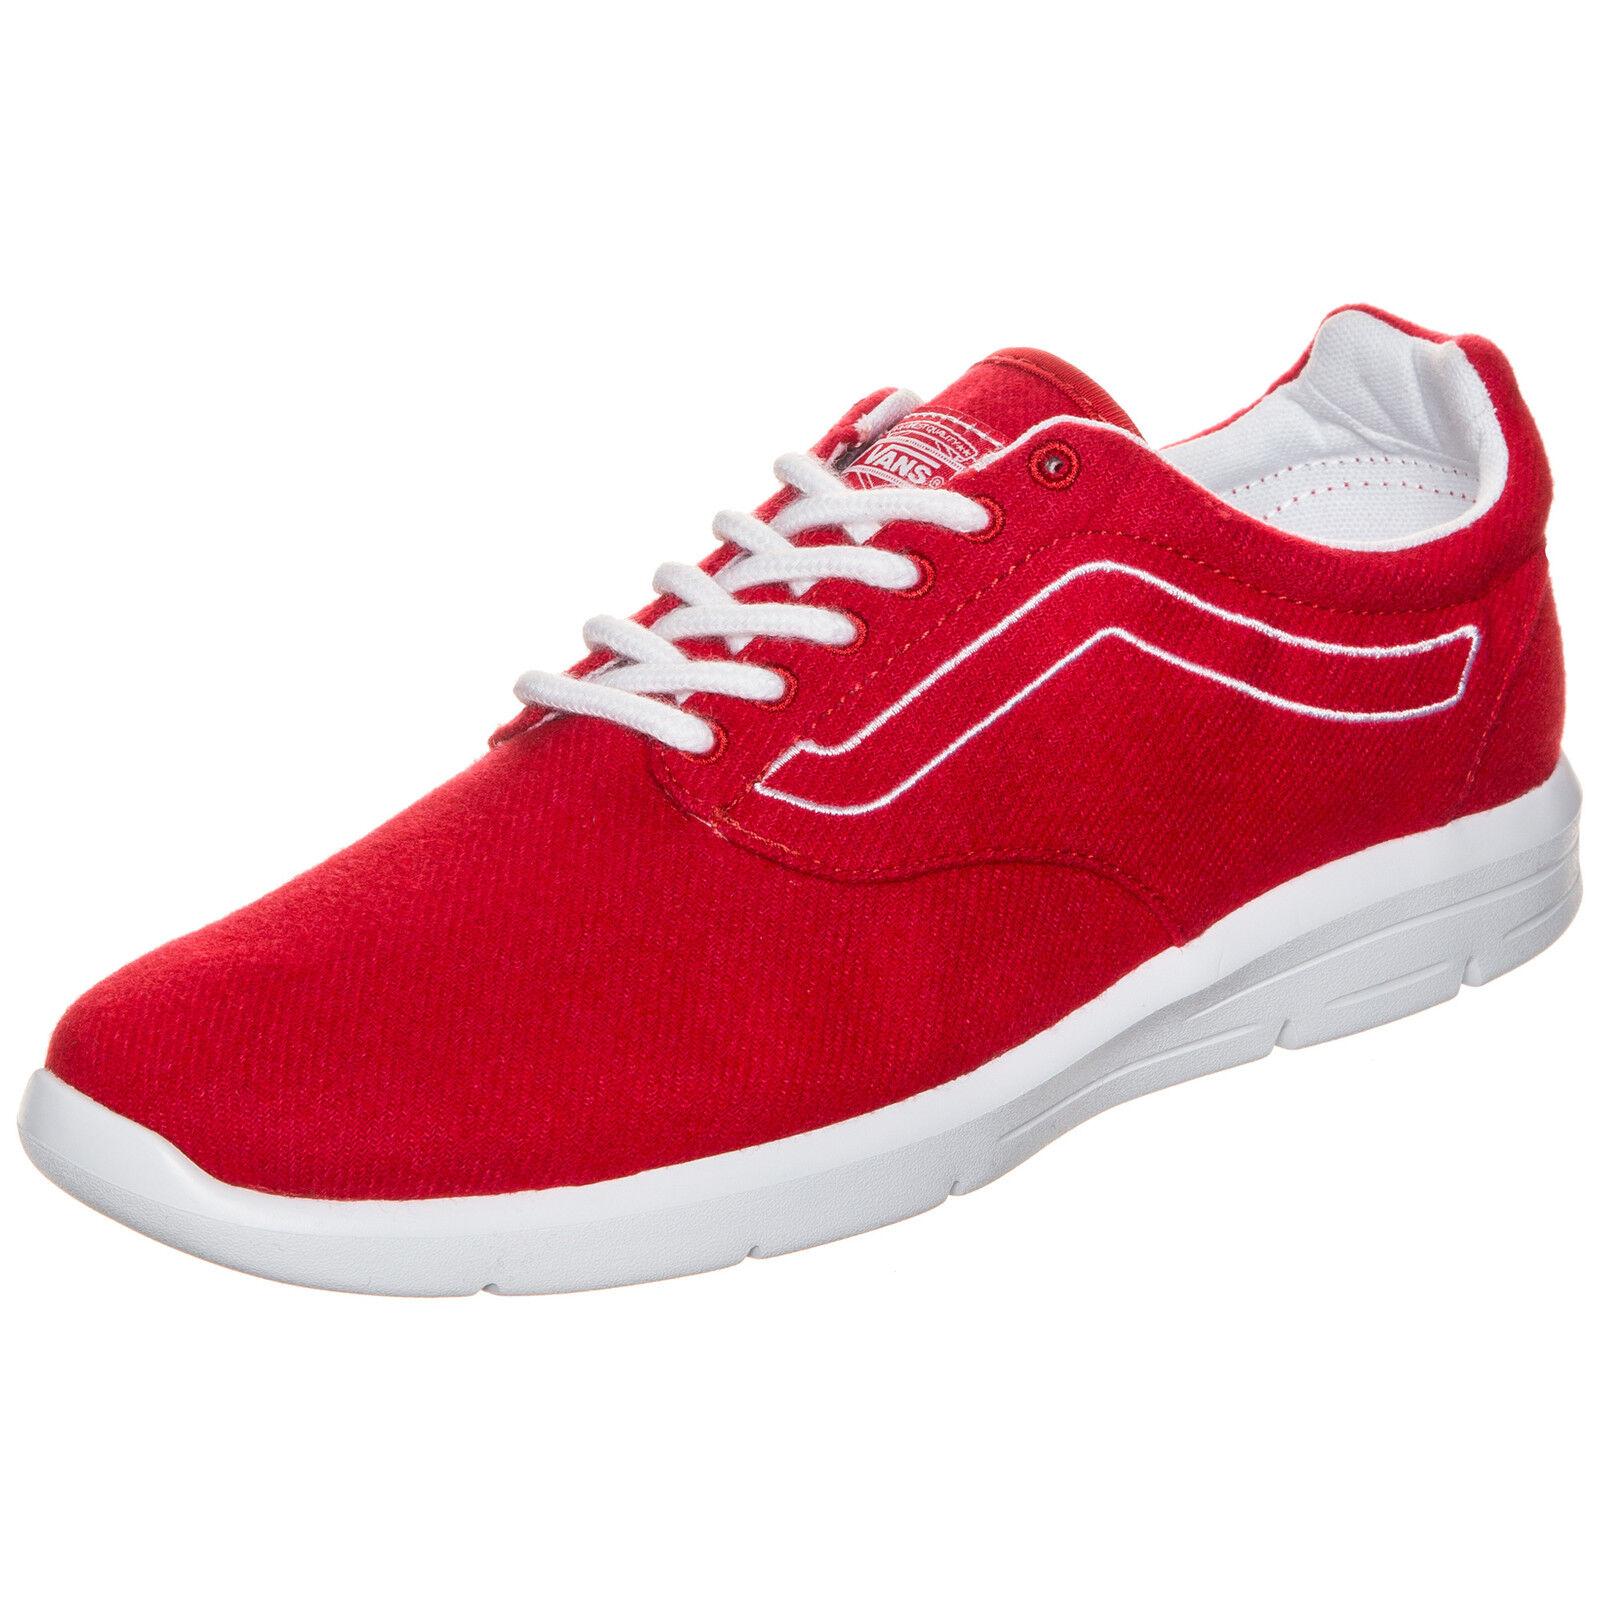 Vans Iso 1.5 Varsity Sneaker Herren Rot NEU Schuhe Turnschuhe